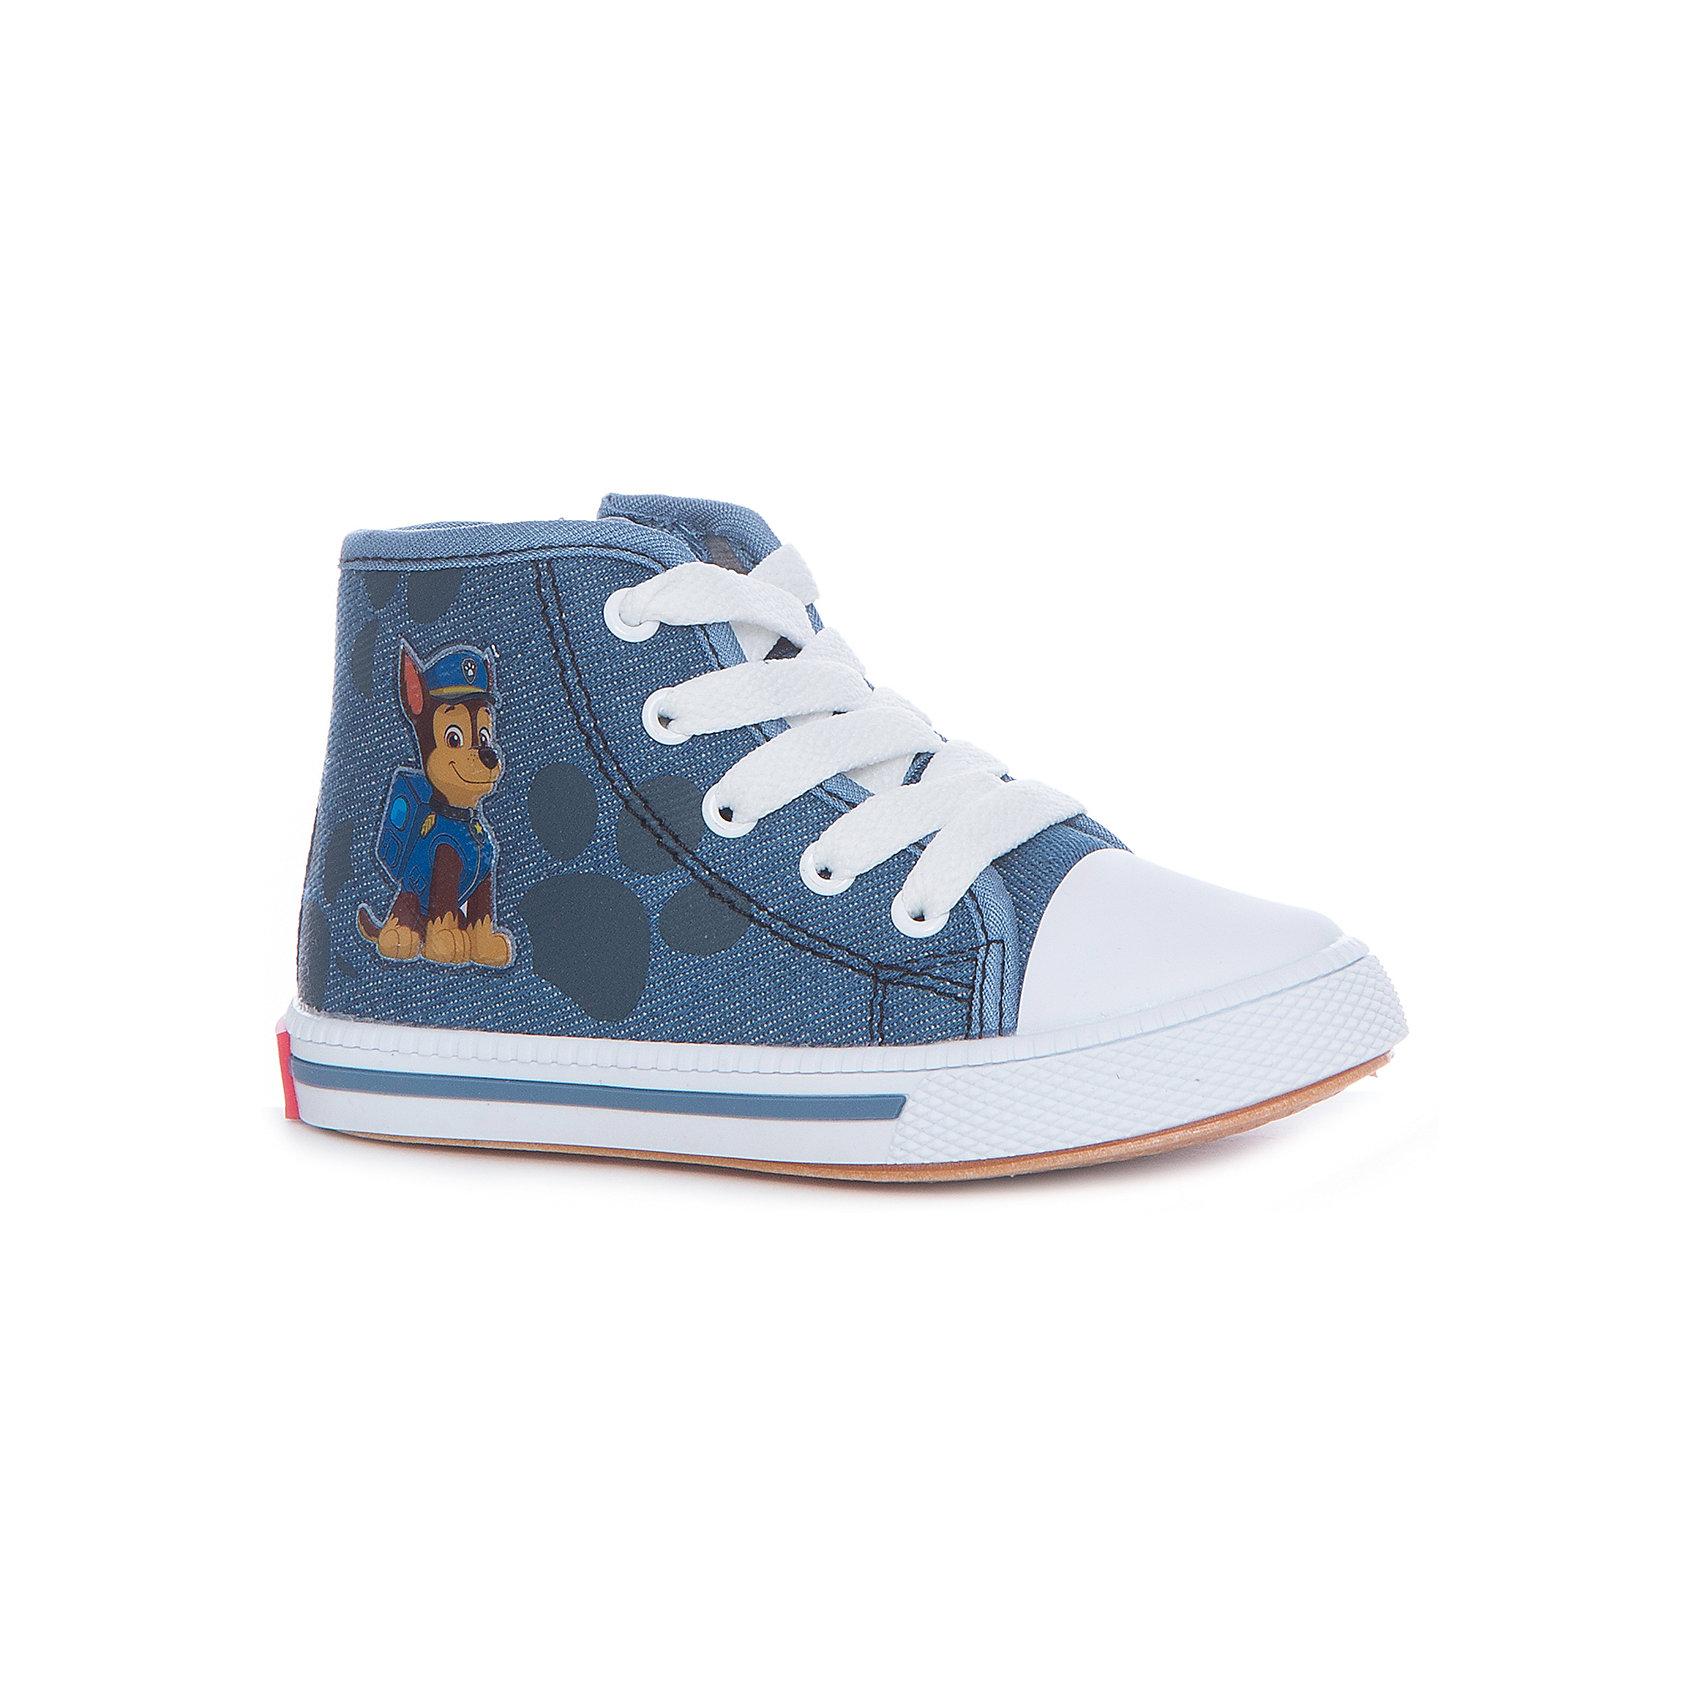 Кеды для мальчика KakaduКеды<br>Характеристики:<br><br>• цвет: синий<br>• внешний метариал обуви: текстиль<br>• внутренний материал обуви: 100% хлопок<br>• стелька: 100% хлопок<br>• подошва: ПВХ<br>• высота подошвы: 1 см<br>• анатомическая стелька<br>• съёмная стелька<br>• застежка: молния сбоку, шнурки<br>• защищённый мыс<br>• сезон: лето<br>• тип обуви: высокие кеды<br>• тип подошвы: рифлёная<br>• способ крепления подошвы: литая<br>• изображение геров мультфильма Щенячий патруль<br>• уход: удаление загрязнений мягкой щеткой<br>• страна бренда: Россия<br>• страна производства: Китай<br><br>Полуботинки для мальчика KAKADU от Сrossway – это обувь, которая характеризуется высокими качественными и потребительскими характеристиками: прочная, удобная и при этом модная, и яркая! Полуботинки предназначены для летних прогулок. Они выполнены с учетом анатомических особенностей детской стопы: у конструкции стельки предусмотрен профилированный свод стопы, который способствует не только правильной фиксации ноги, но и является эффективным средством профилактики плоскостопия. <br><br>Верх изделия – из текстиля, который обладает высокой воздухопроницаемостью и гигроскопичностью, внутренняя часть и съемная стелька изготовлены из хлопка. Подошва выполнена из поливинилхлорида, который особенно устойчив к истиранию. <br><br>Сбоку предусмотрена застежка-молния, спереди – шнуровка, которая выполняет не только декоративные функции, но и обеспечивает хорошую фиксацию обуви. Высокие кеды имеют классическую форму и стильный дизайн: выполнены с эффектом джинсовой ткани и декорированы изображением в виде героя из мультфильма Щенячий патруль – Гонщика.<br><br>Полуботинки для мальчика KAKADU можно купить в нашем интернет-магазине.<br><br>Ширина мм: 262<br>Глубина мм: 176<br>Высота мм: 97<br>Вес г: 427<br>Цвет: синий<br>Возраст от месяцев: 24<br>Возраст до месяцев: 24<br>Пол: Мужской<br>Возраст: Детский<br>Размер: 25,30,26,27,28,29<br>SKU: 5386398